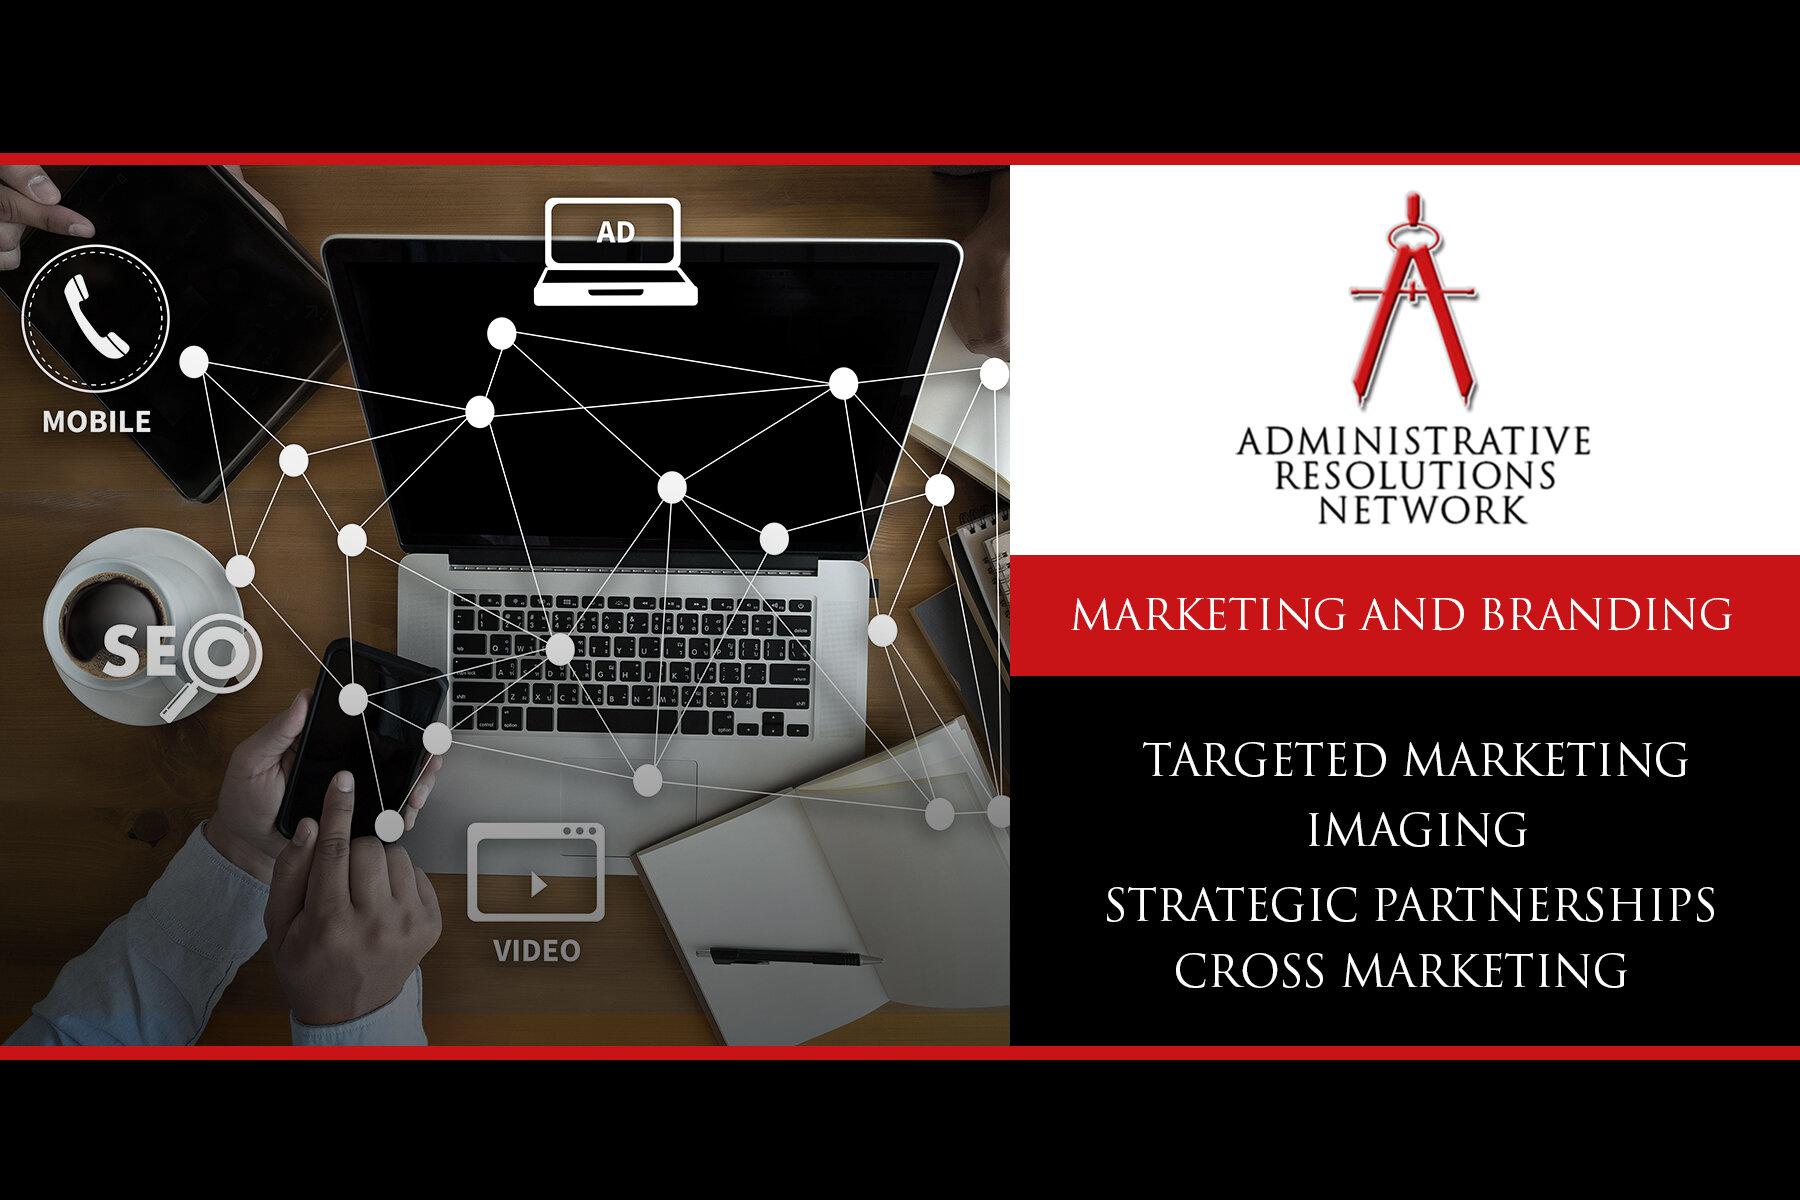 Marketing and Branding2.jpg